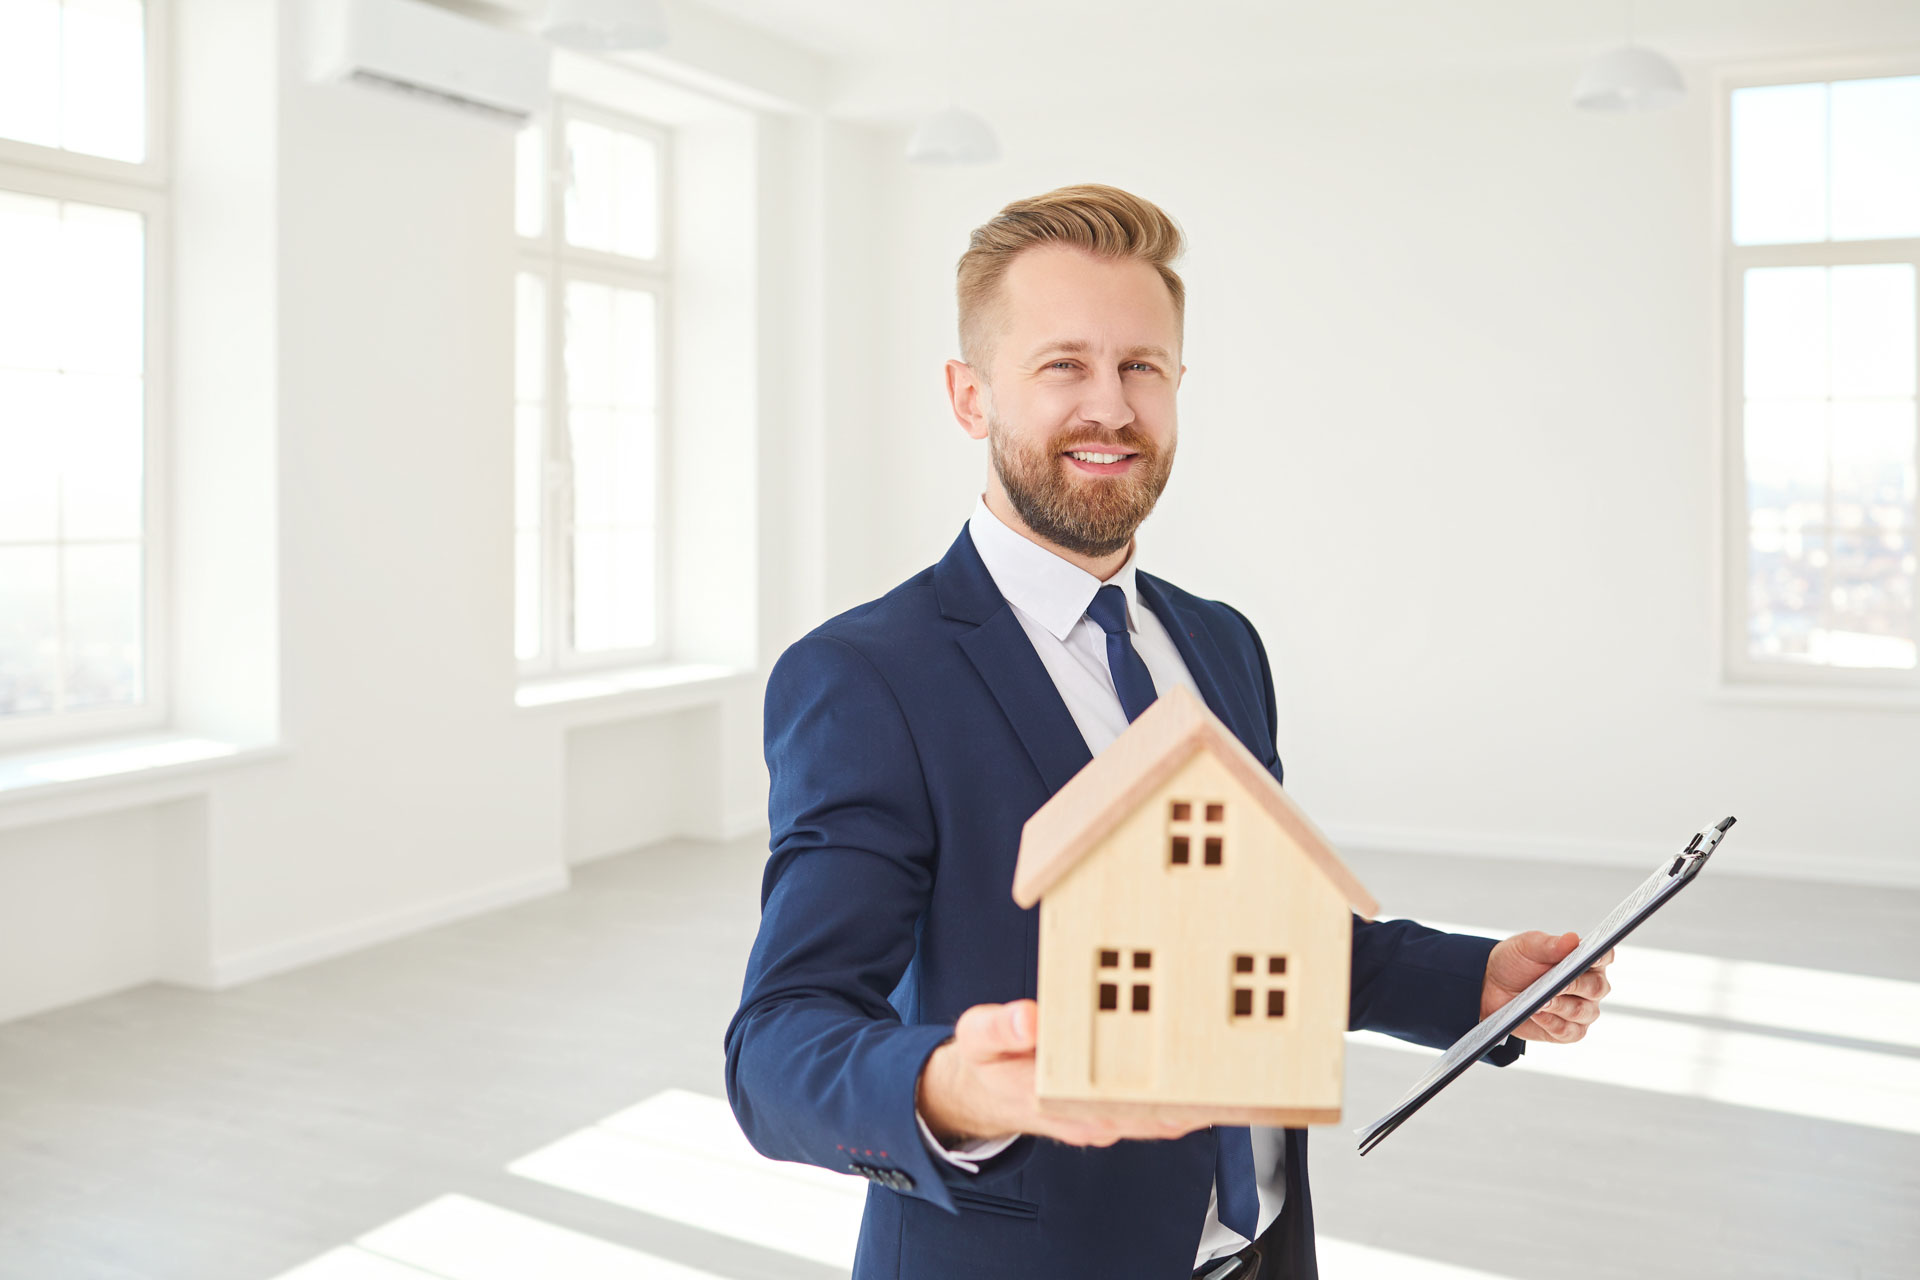 Immobilienmakler hält ein Modell des Hauses lächelnd in weißen Immobilien Zimmer Wohnung nach Hause.